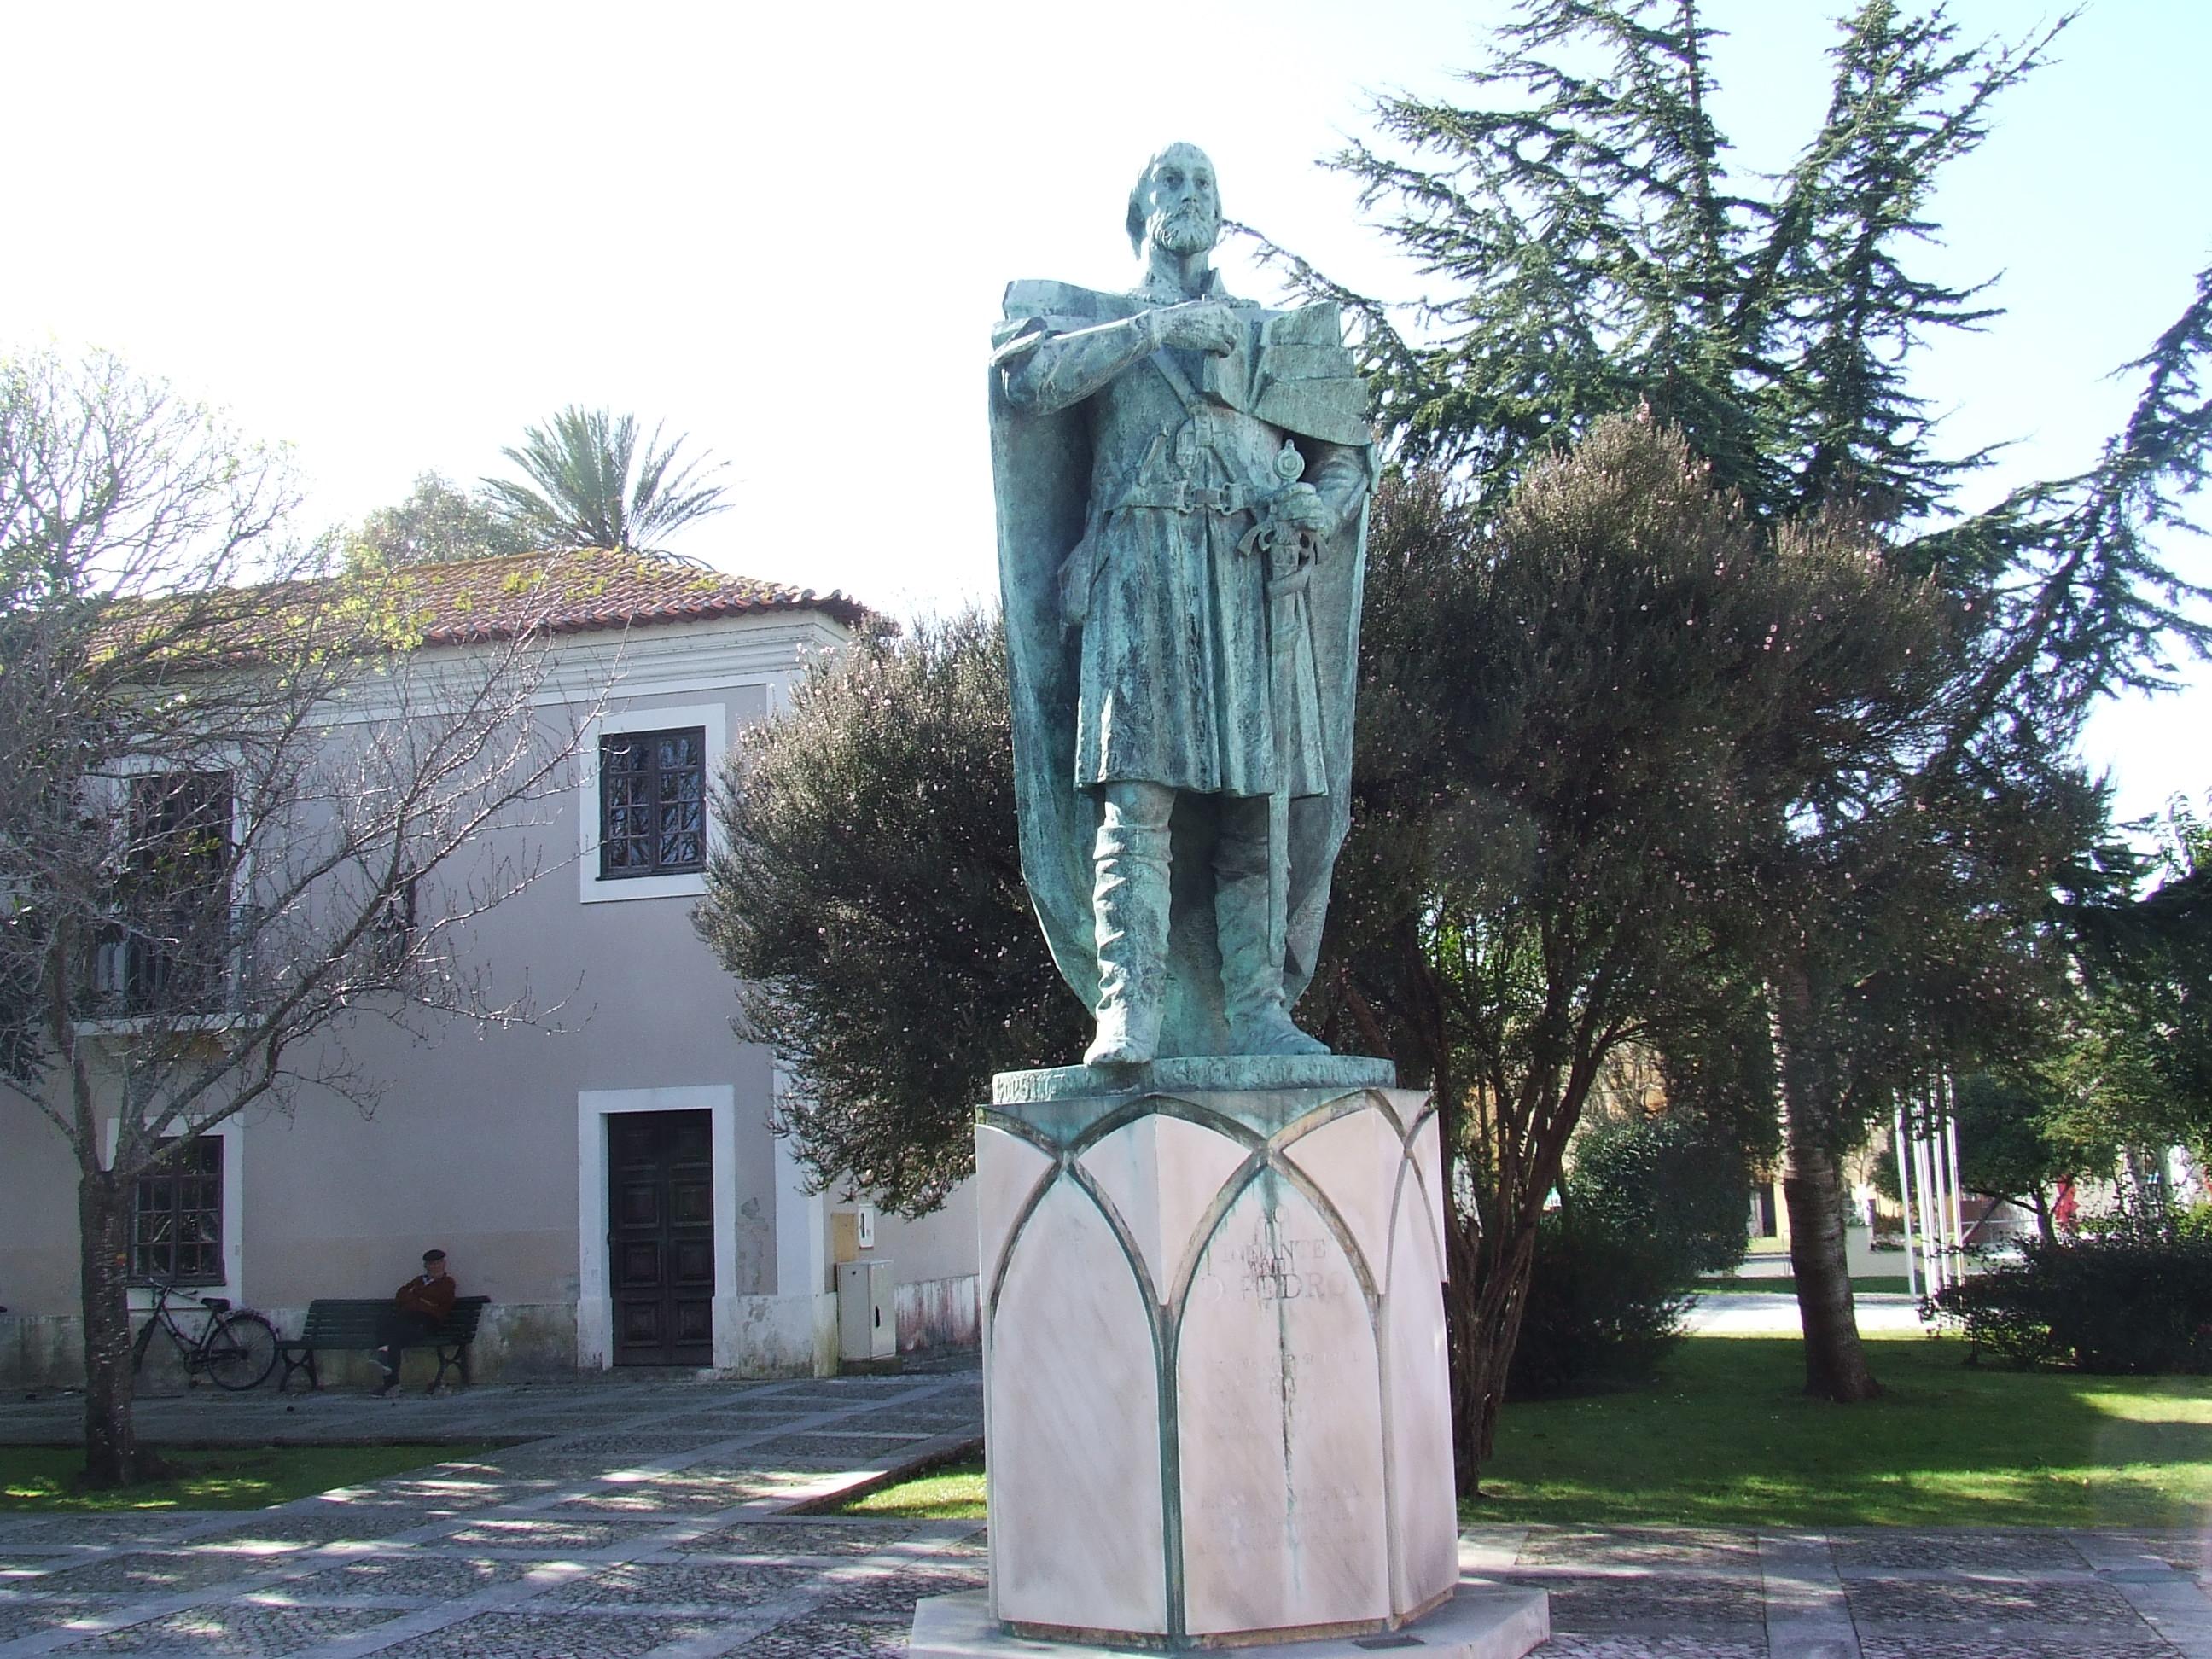 Estátua do Infante D. Pedro em Mira